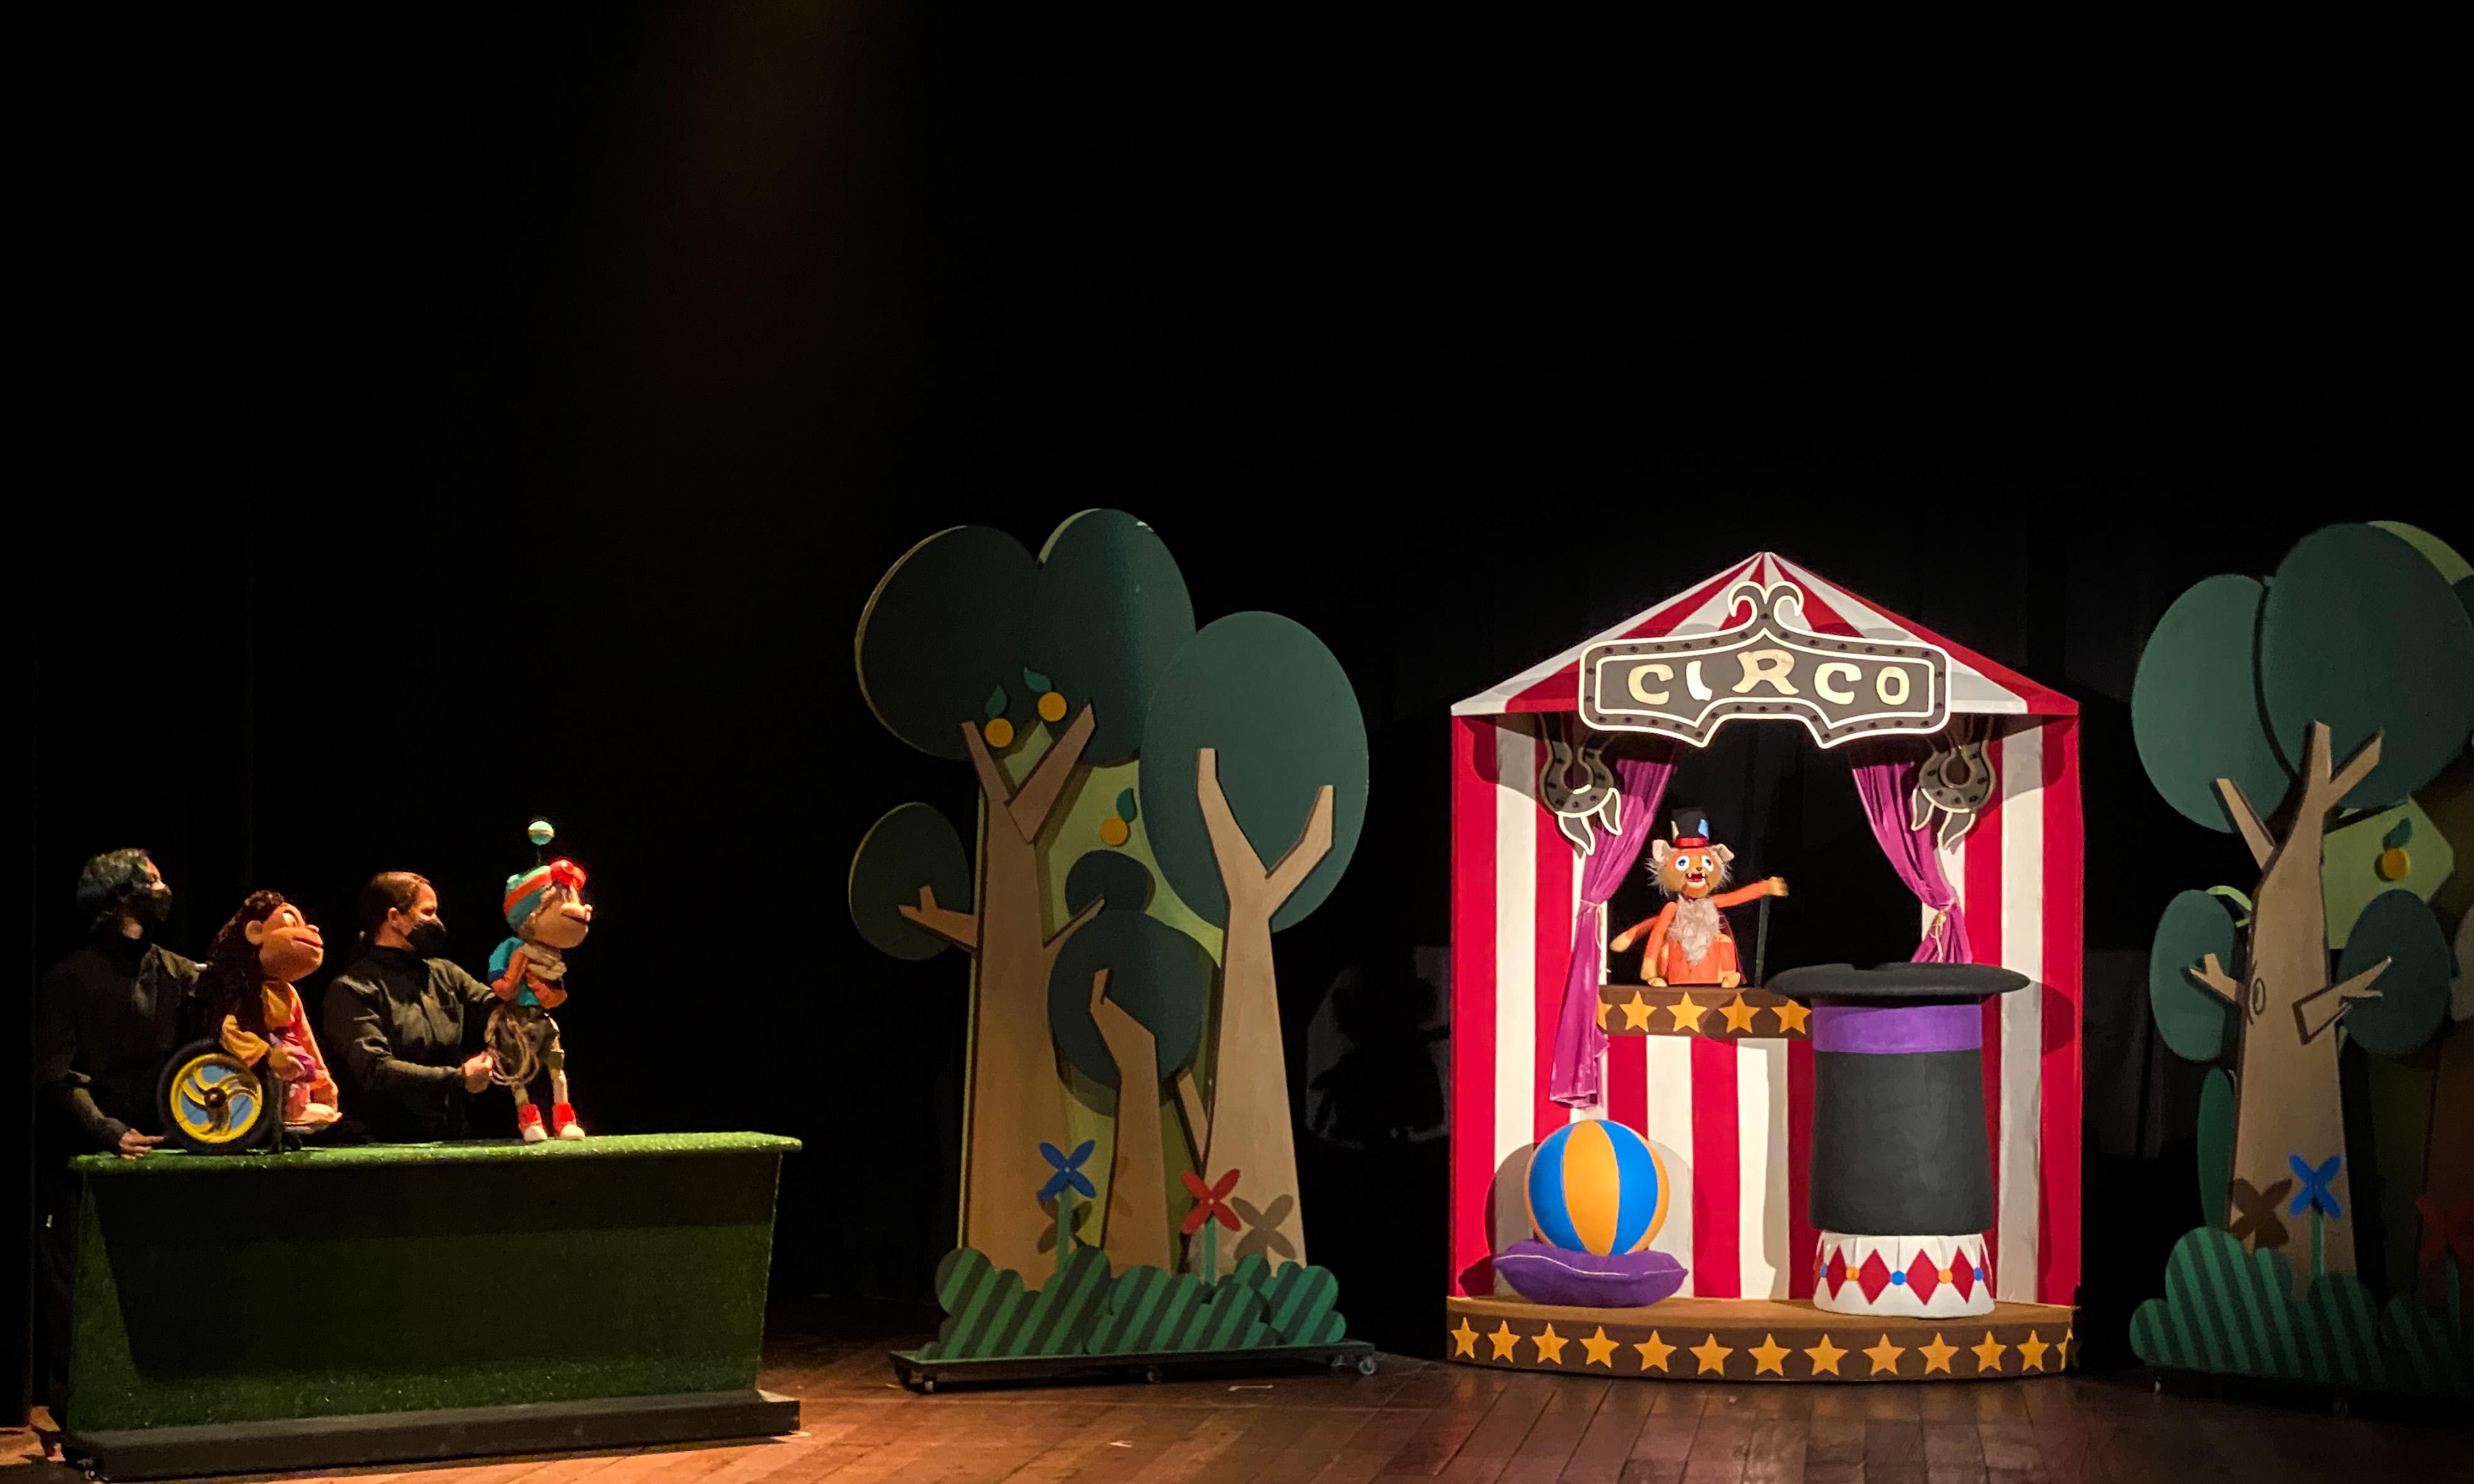 Imagem mostra teatro de fantoches